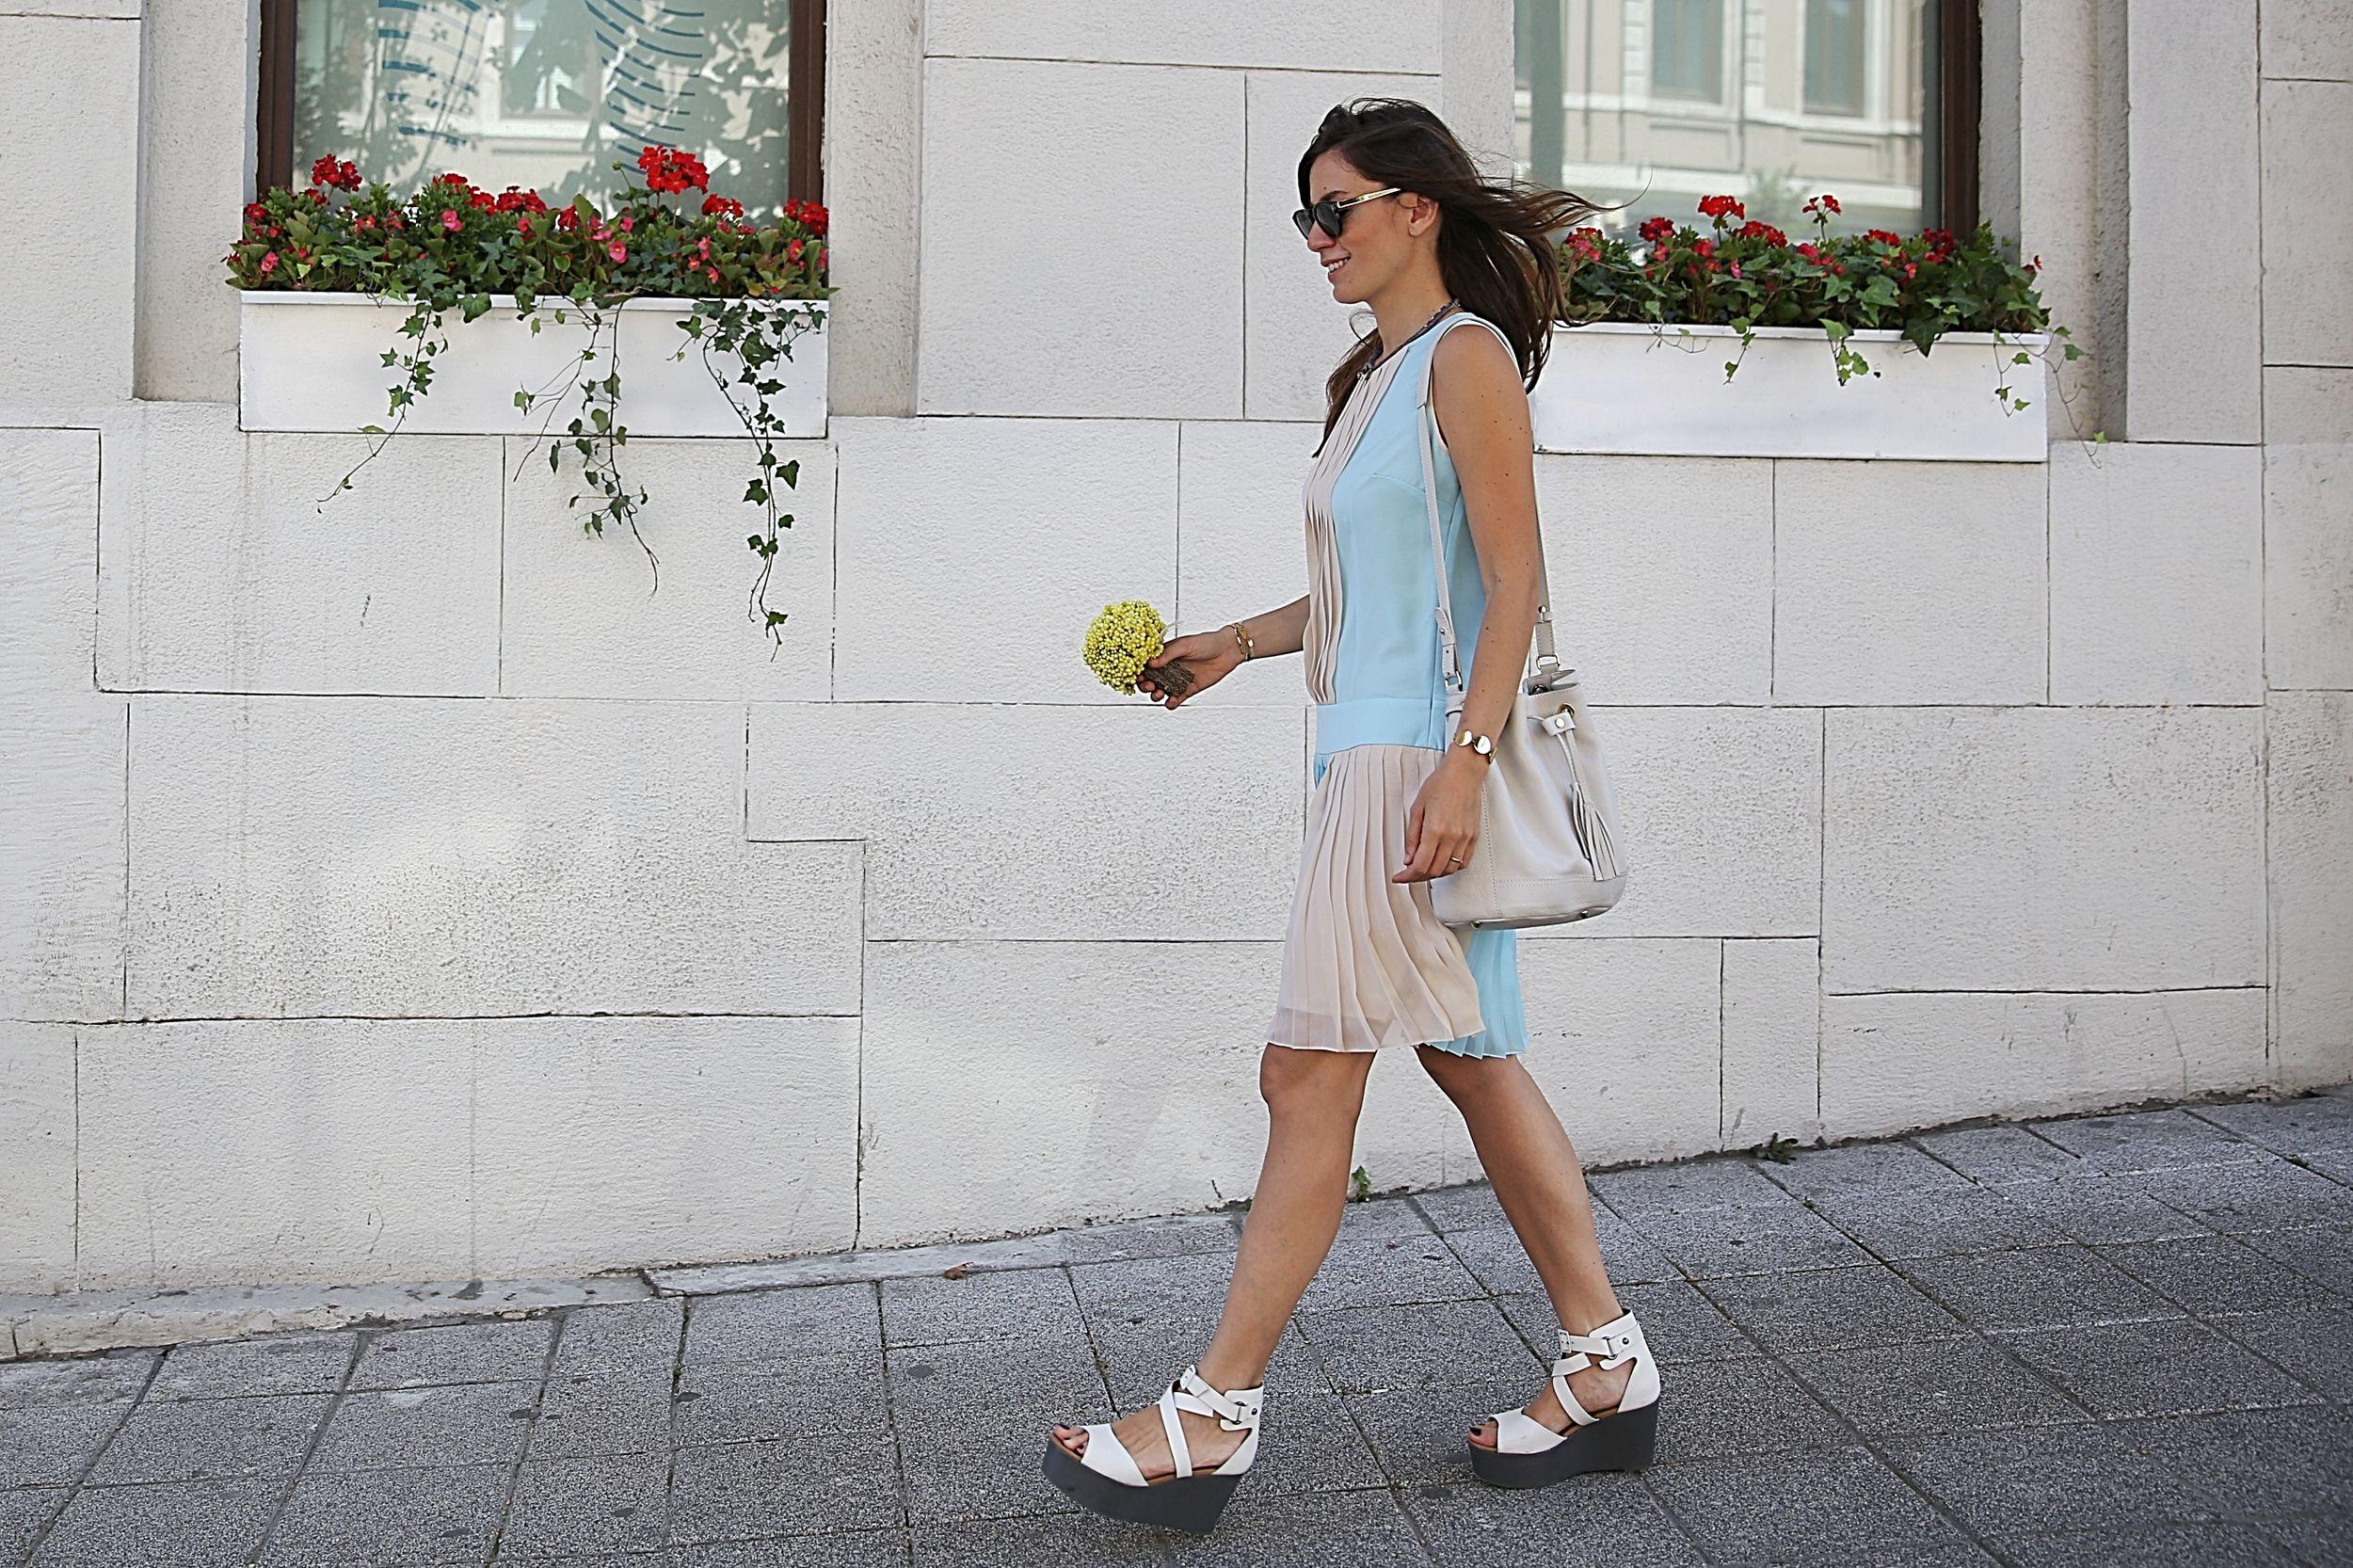 gitti gidiyor, off ne giysem, billur saatci, turkish blogger, street style, desa, park bravo, hotiç